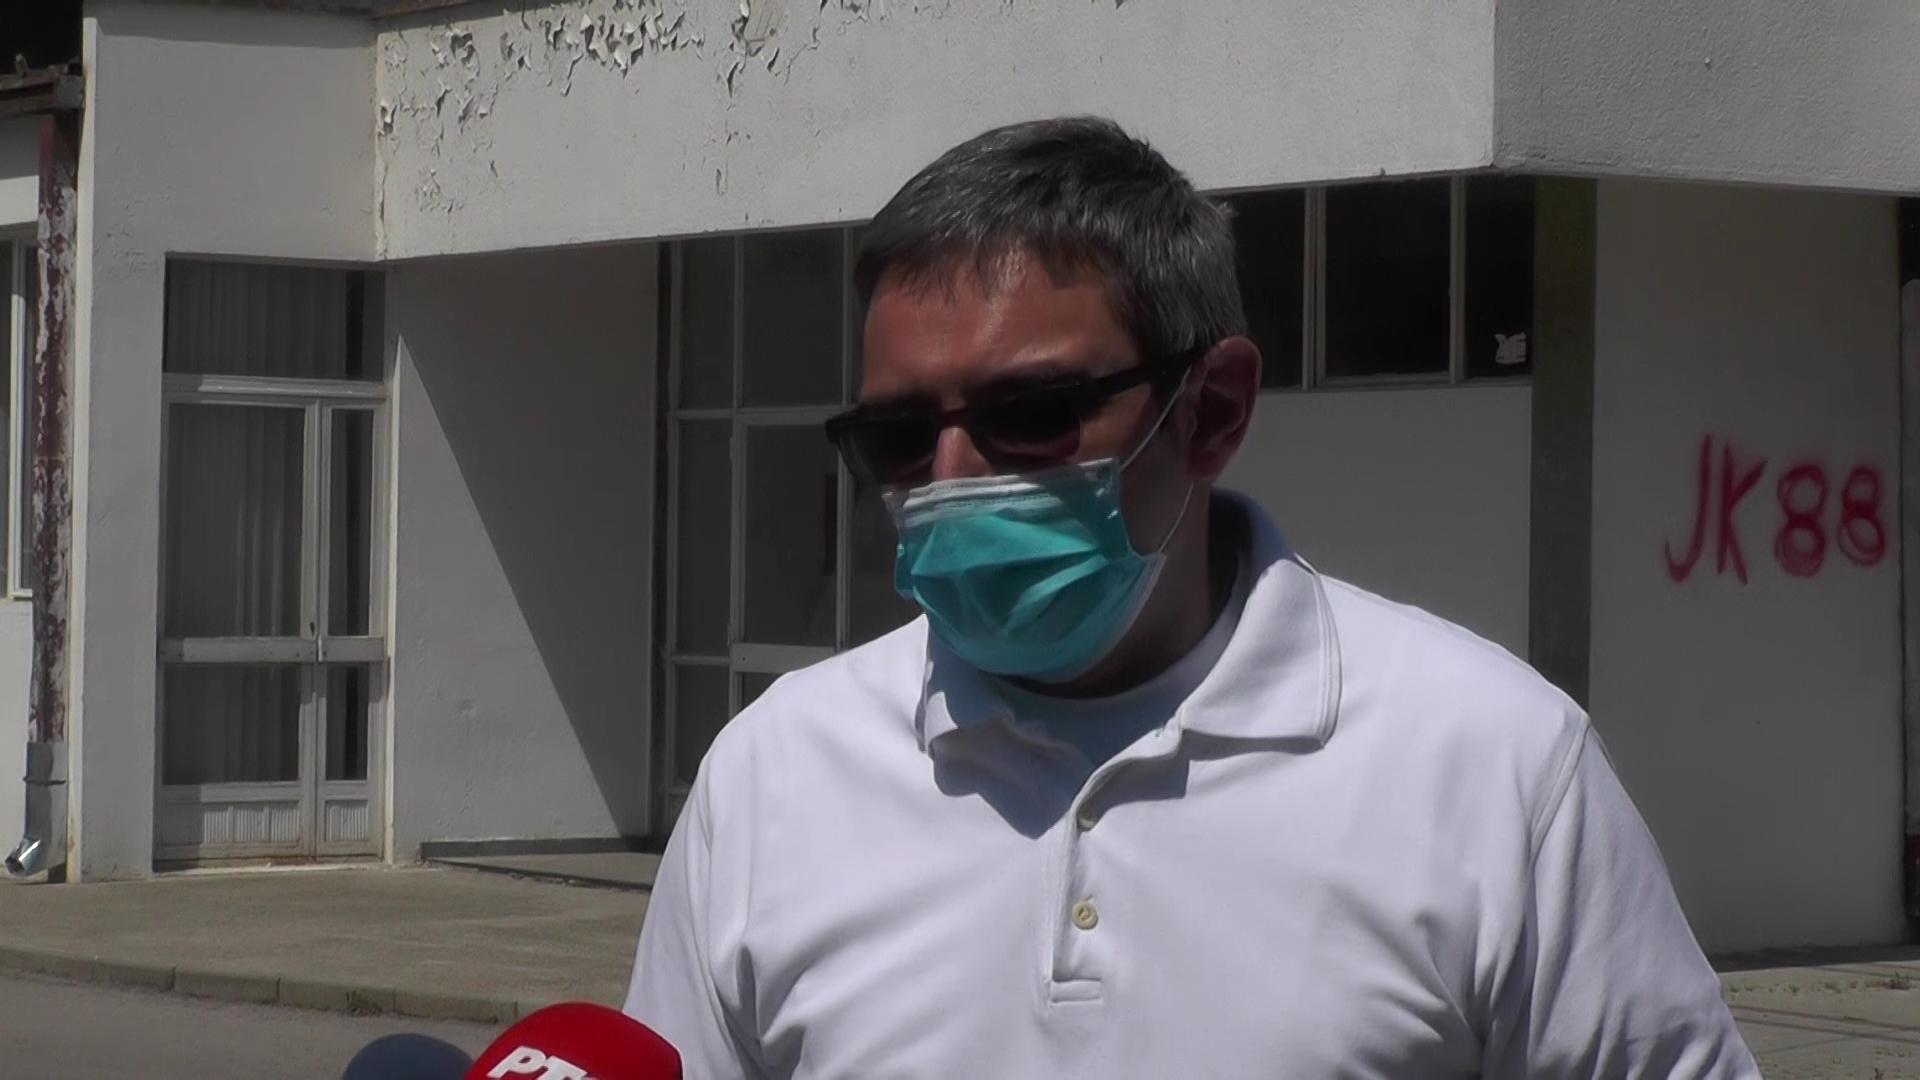 U Kovid bolnici u Hali sportova u Kruševcu trenutno smešteno 49 pacijenata